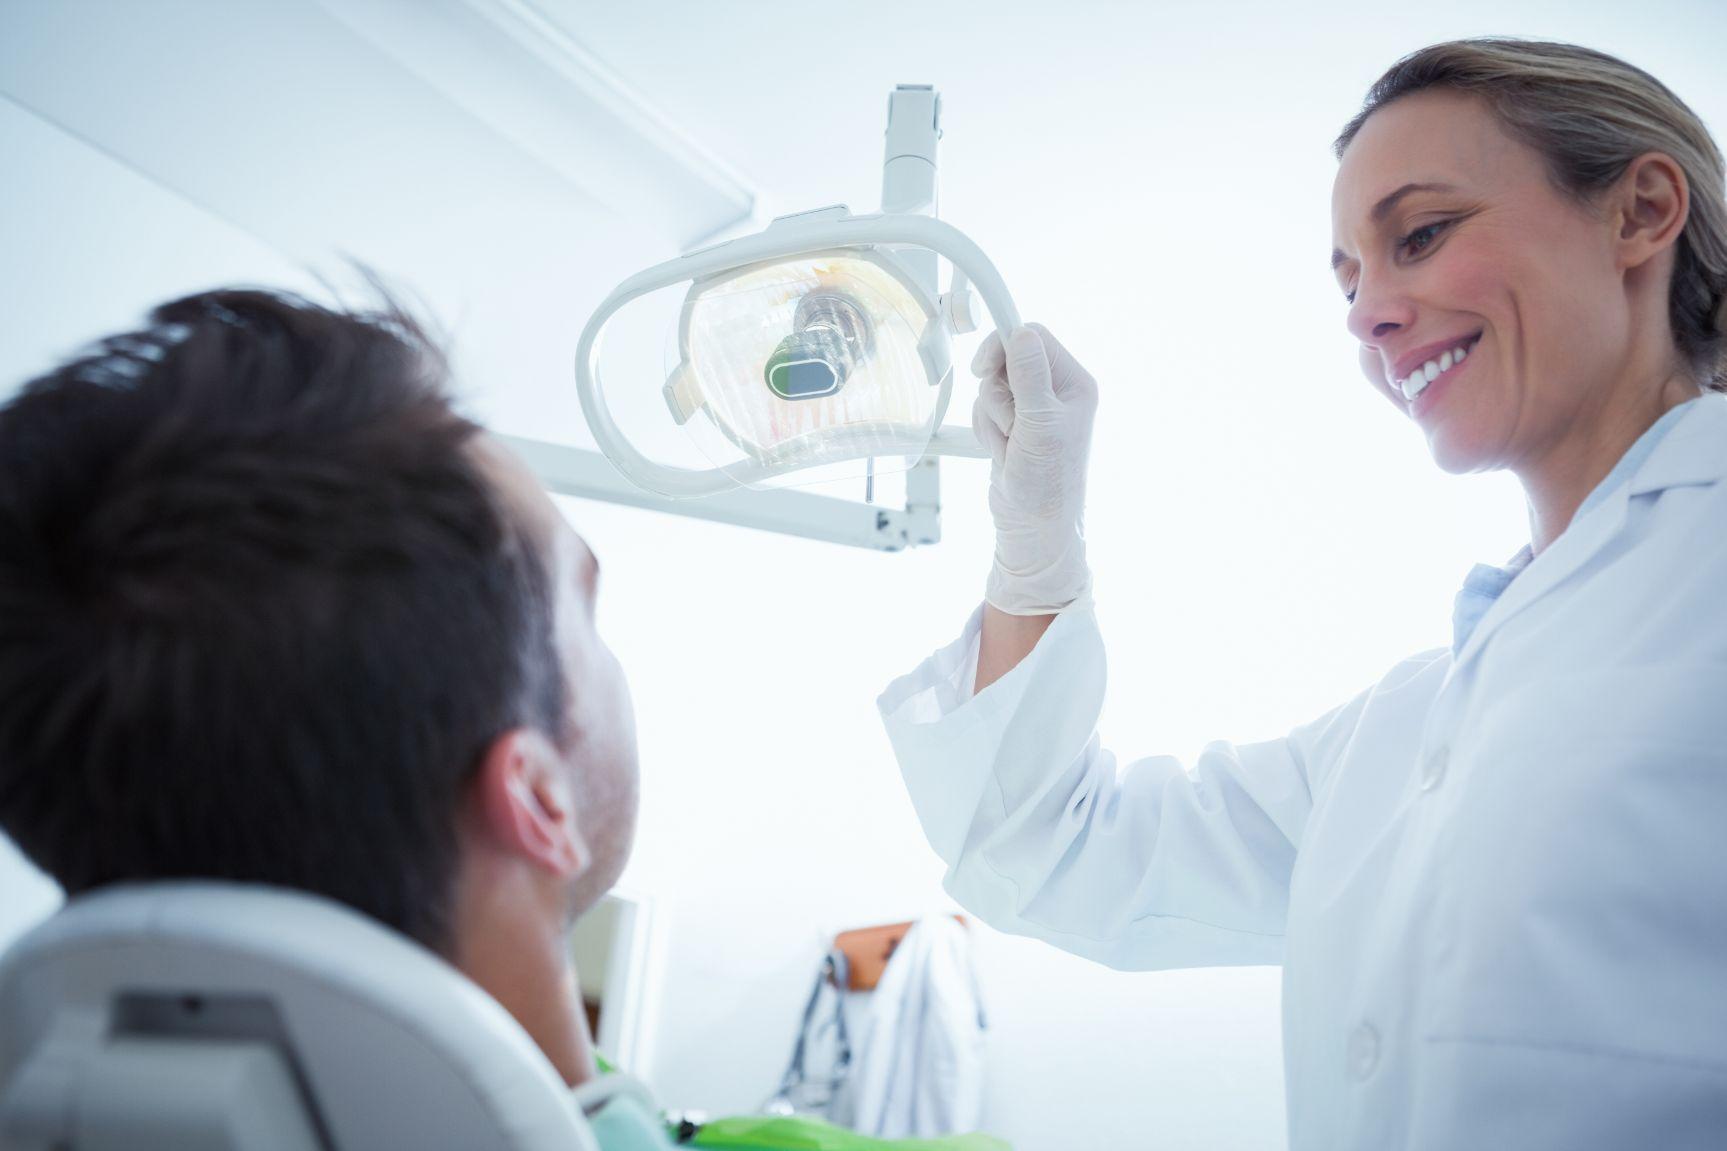 【歯科助手の自己PR例文】採用側に評価される3つの書き方とは?